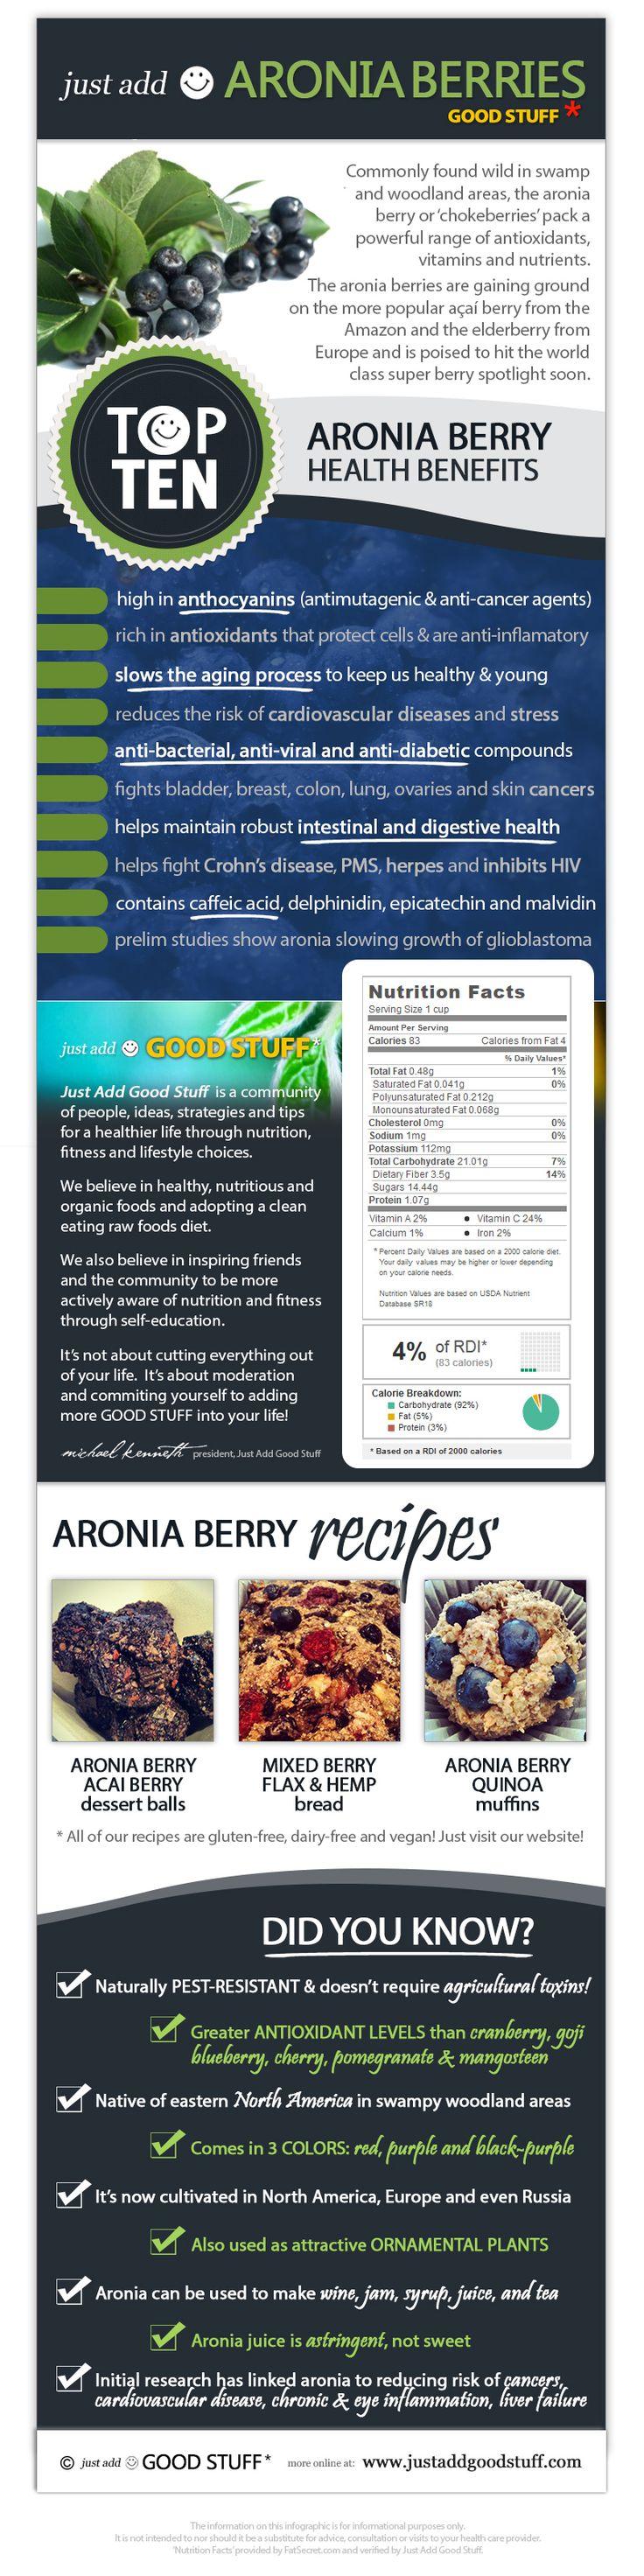 Just Add Aronia Berries! O listă scurtă de beneficii și trei idei de rețete într-un infografic.